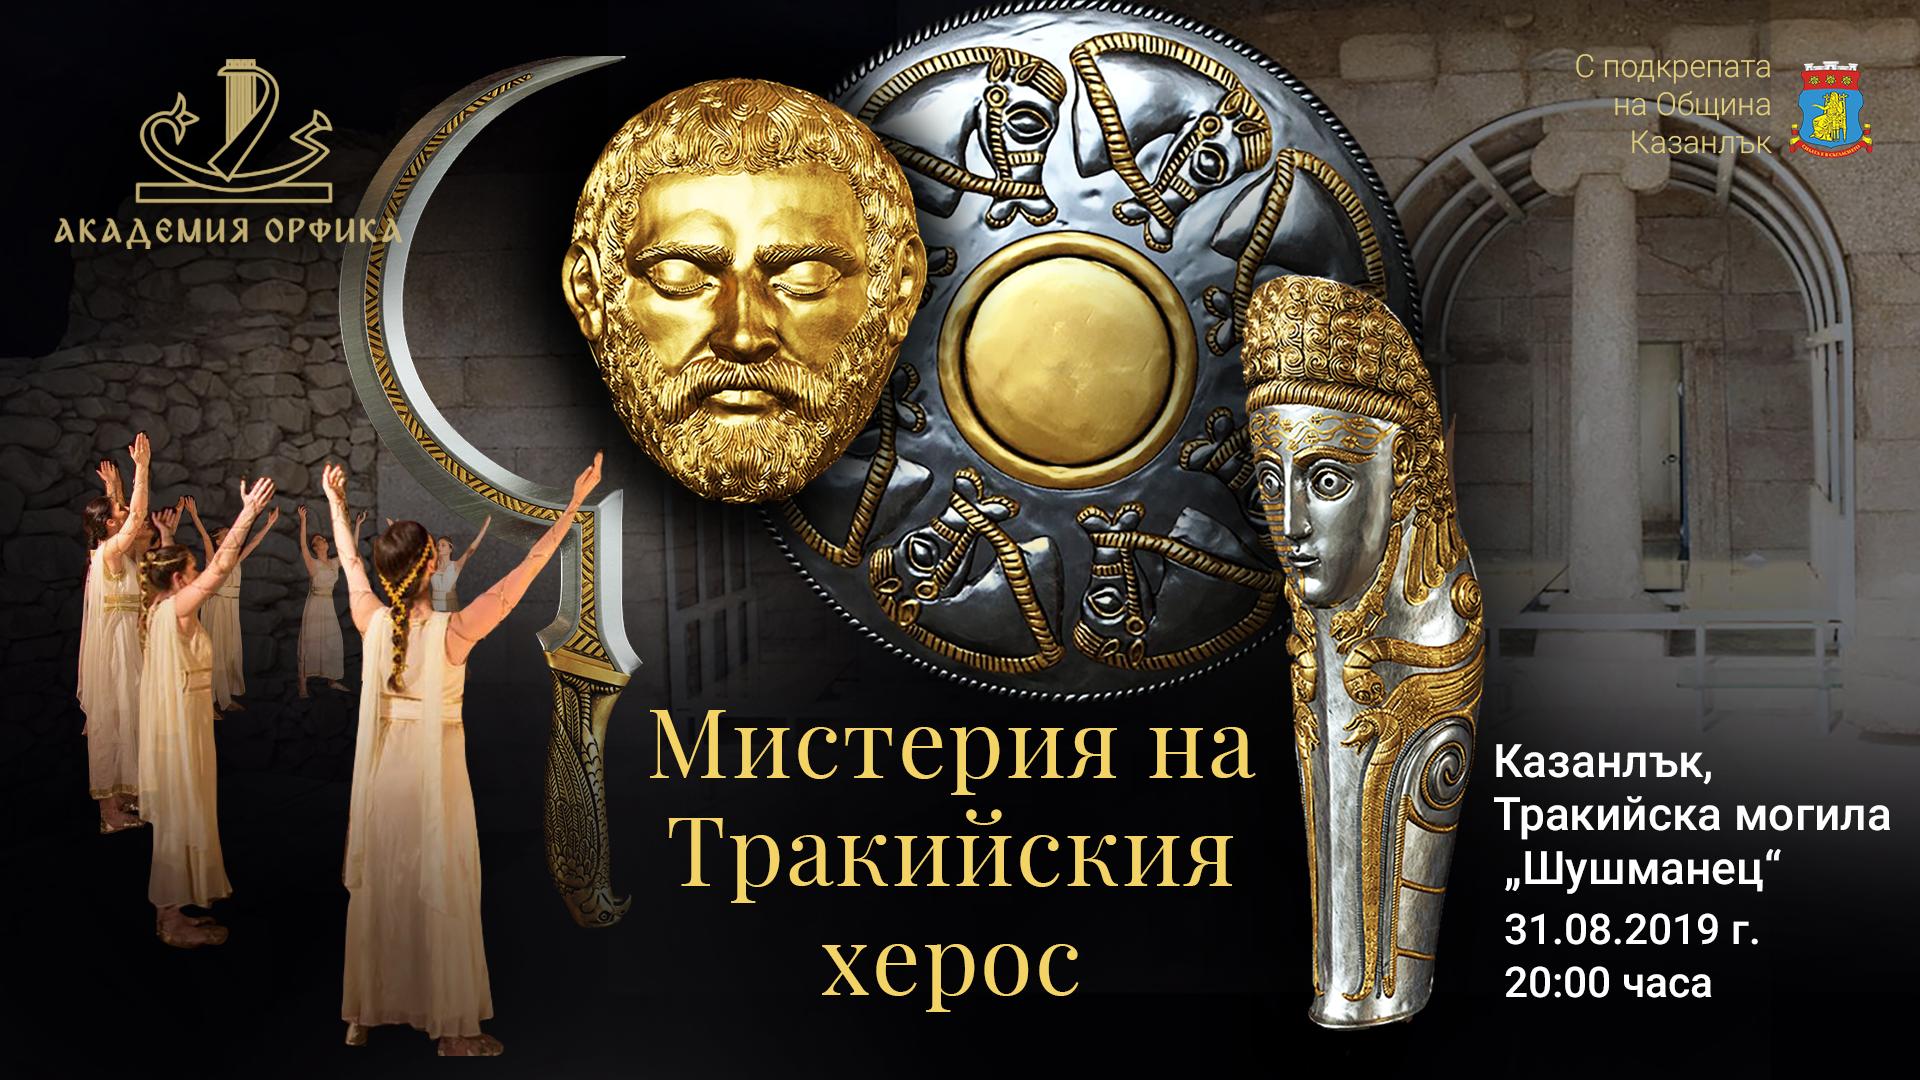 Мистерия на Тракийския херос - Казанлък